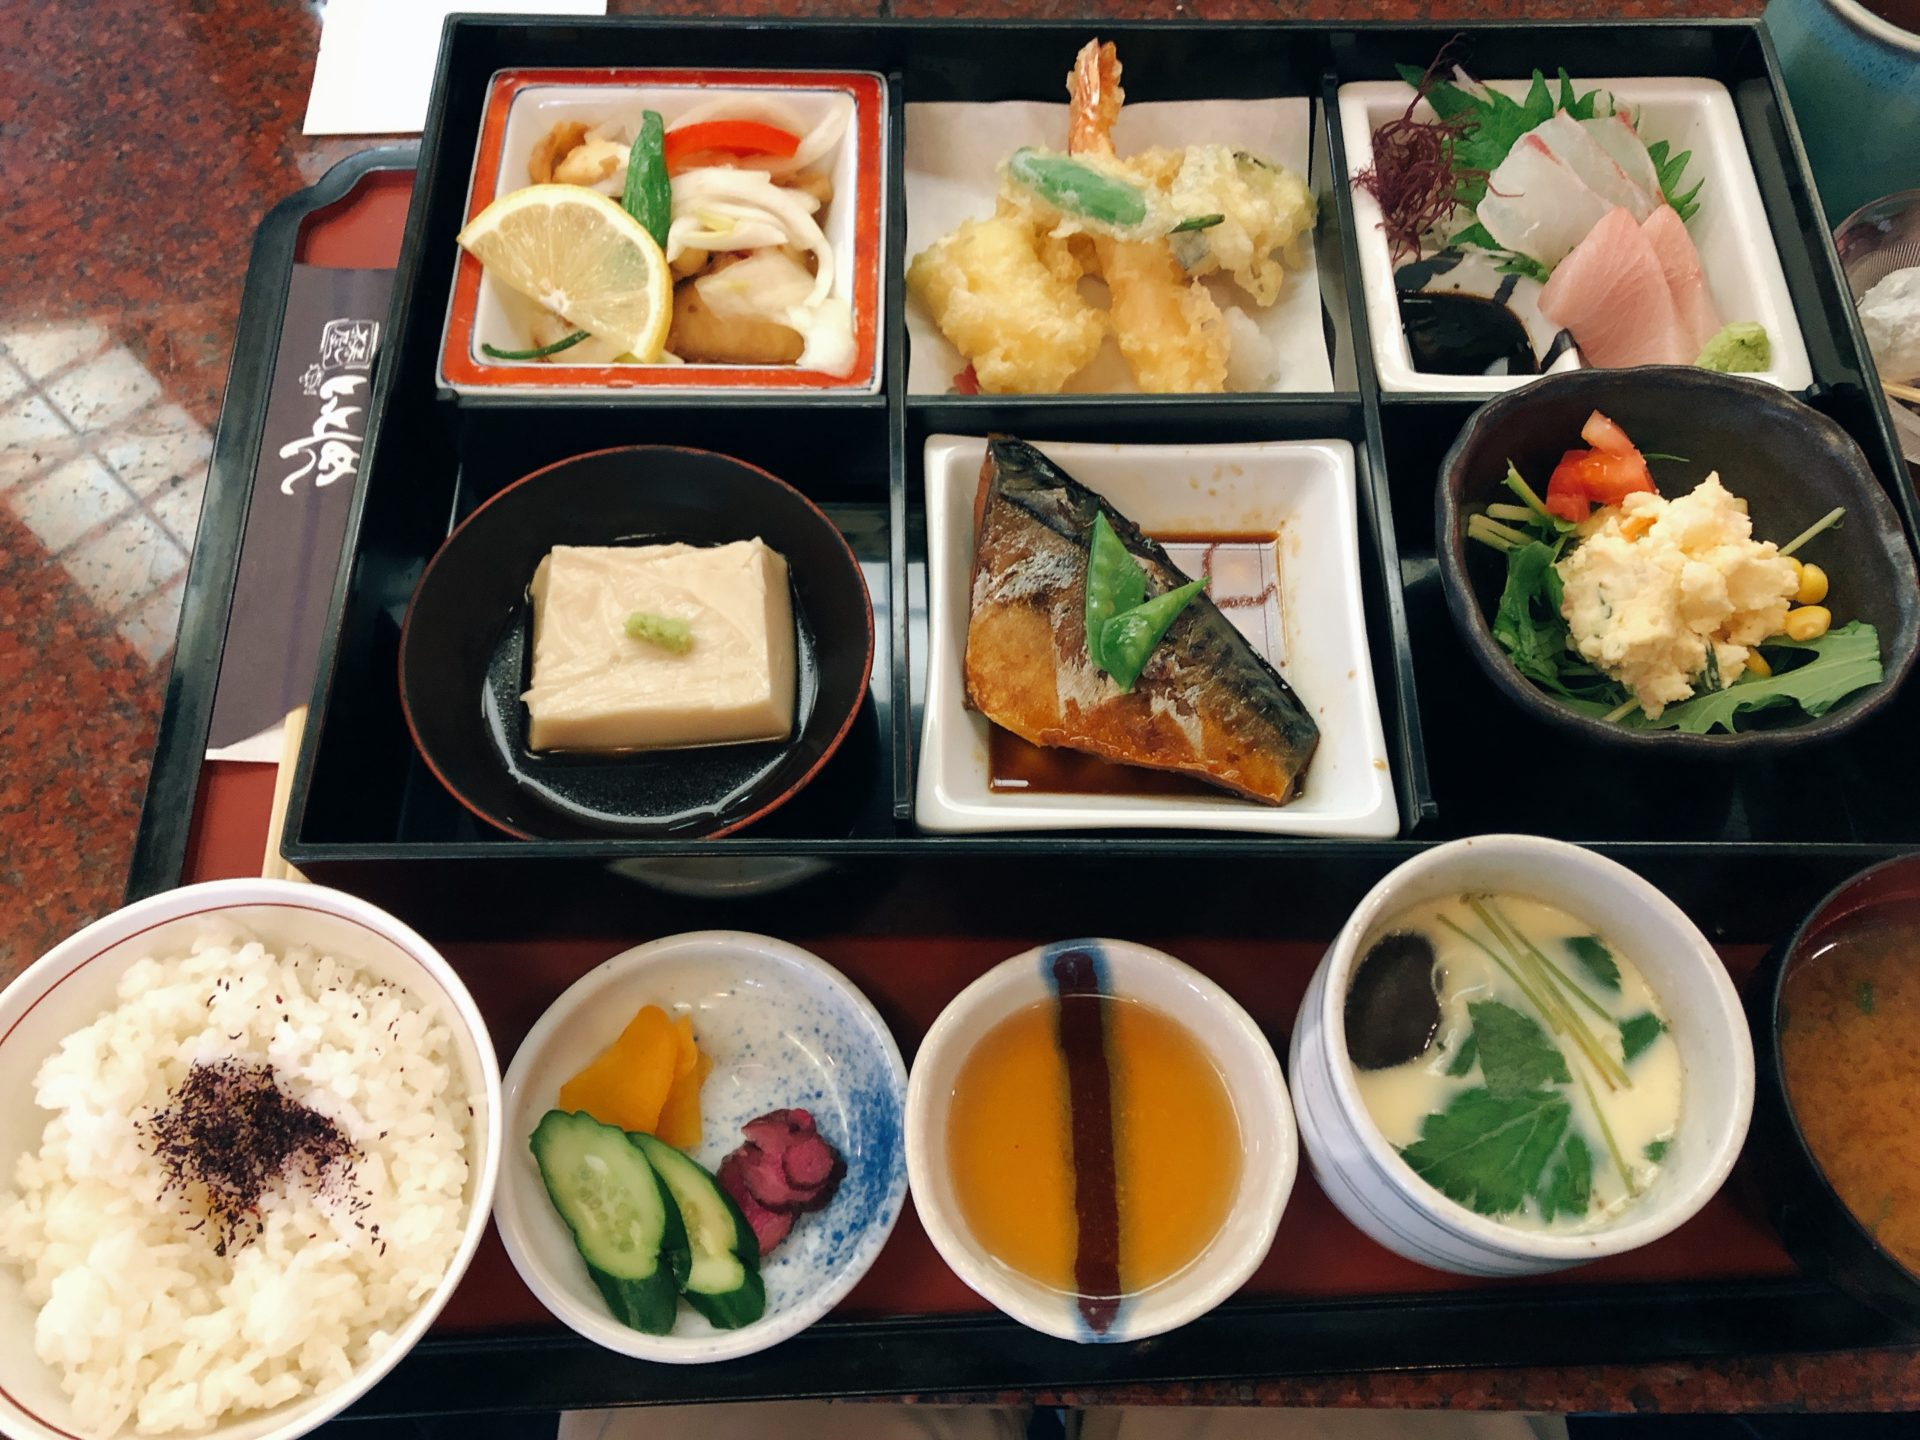 岡山市南区 海鮮料理の とっとんめ のランチは、松華堂御膳とサービス定食が人気で、来店時は予約がおススメ!!